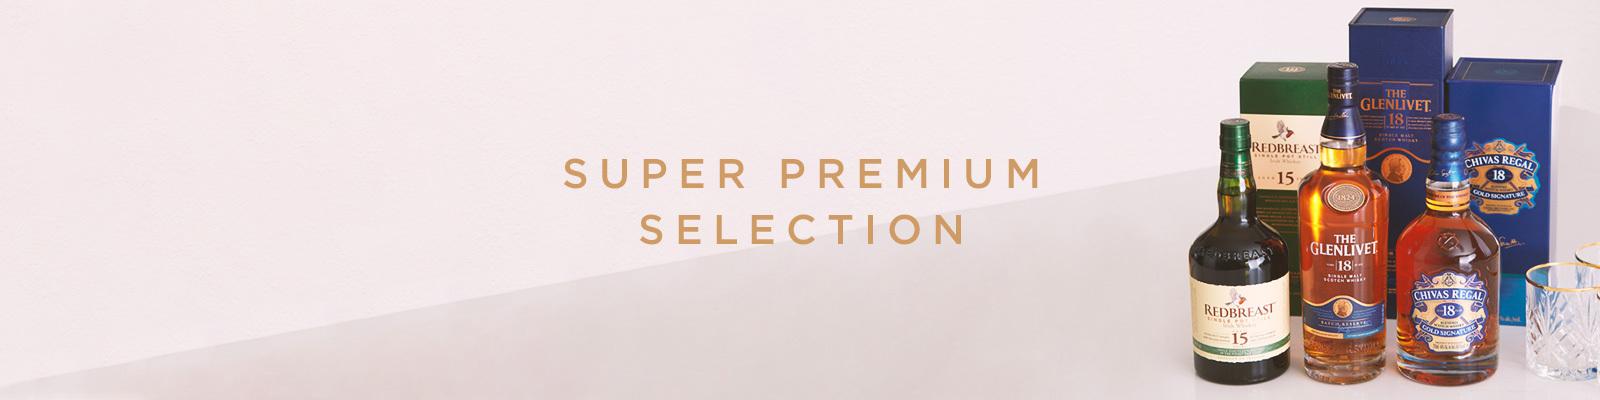 Super Premium Selection